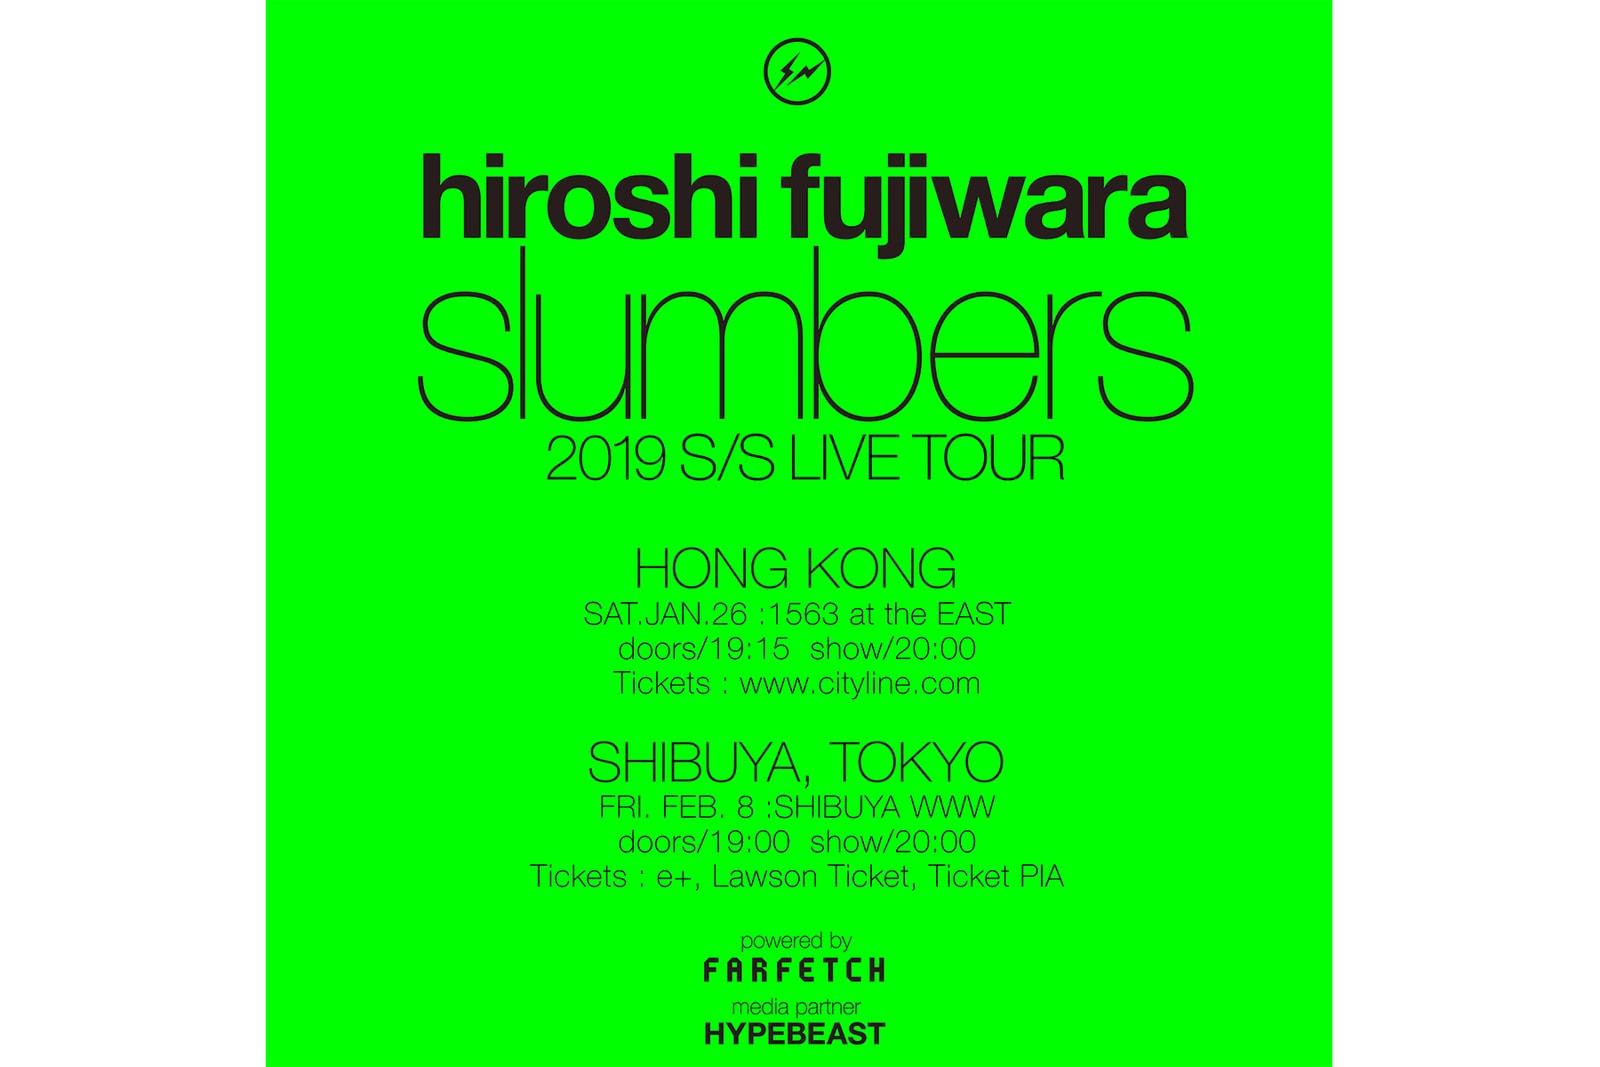 サカナクション主宰の NF Records が藤原ヒロシのライブツアー開催を発表 ストリート界のゴッドファーザーとして名を馳せるHFが香港と東京の2カ国でパフォーマンス